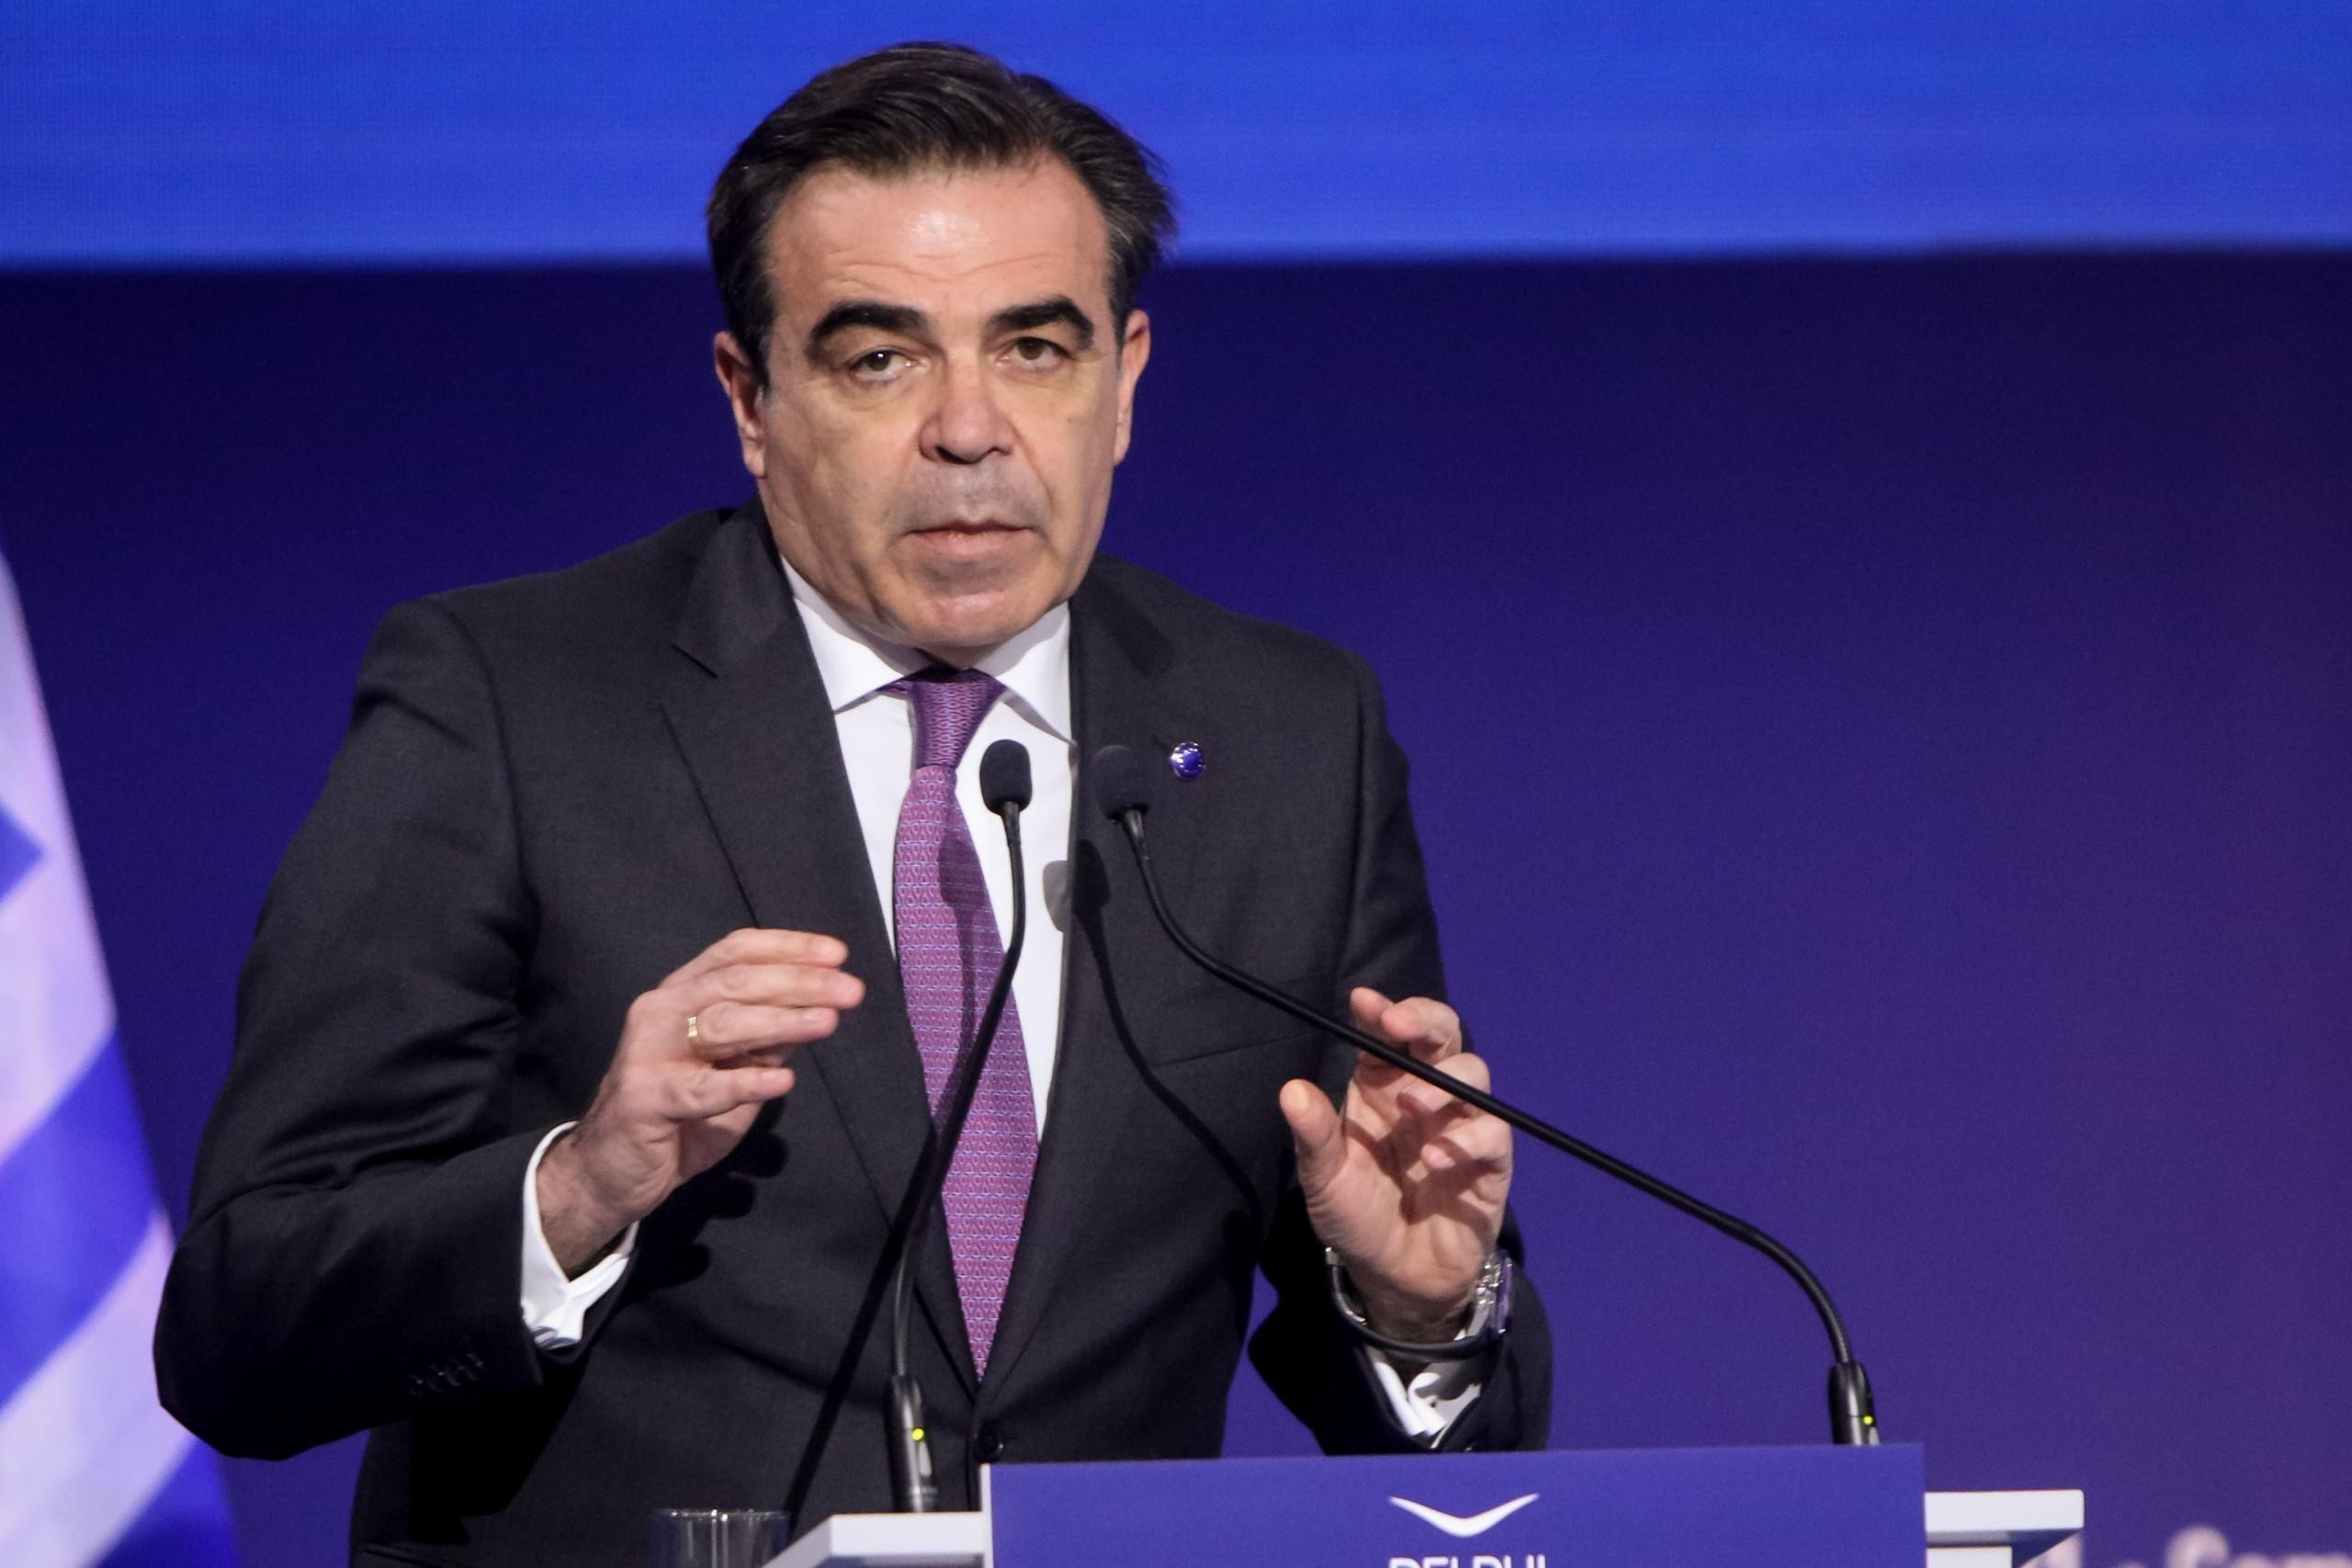 Σχοινάς: To σχέδιο «Ελλάδα 2.0» έγινε παράδειγμα προς μίμηση – Μοναδική ευκαιρία για την χώρα